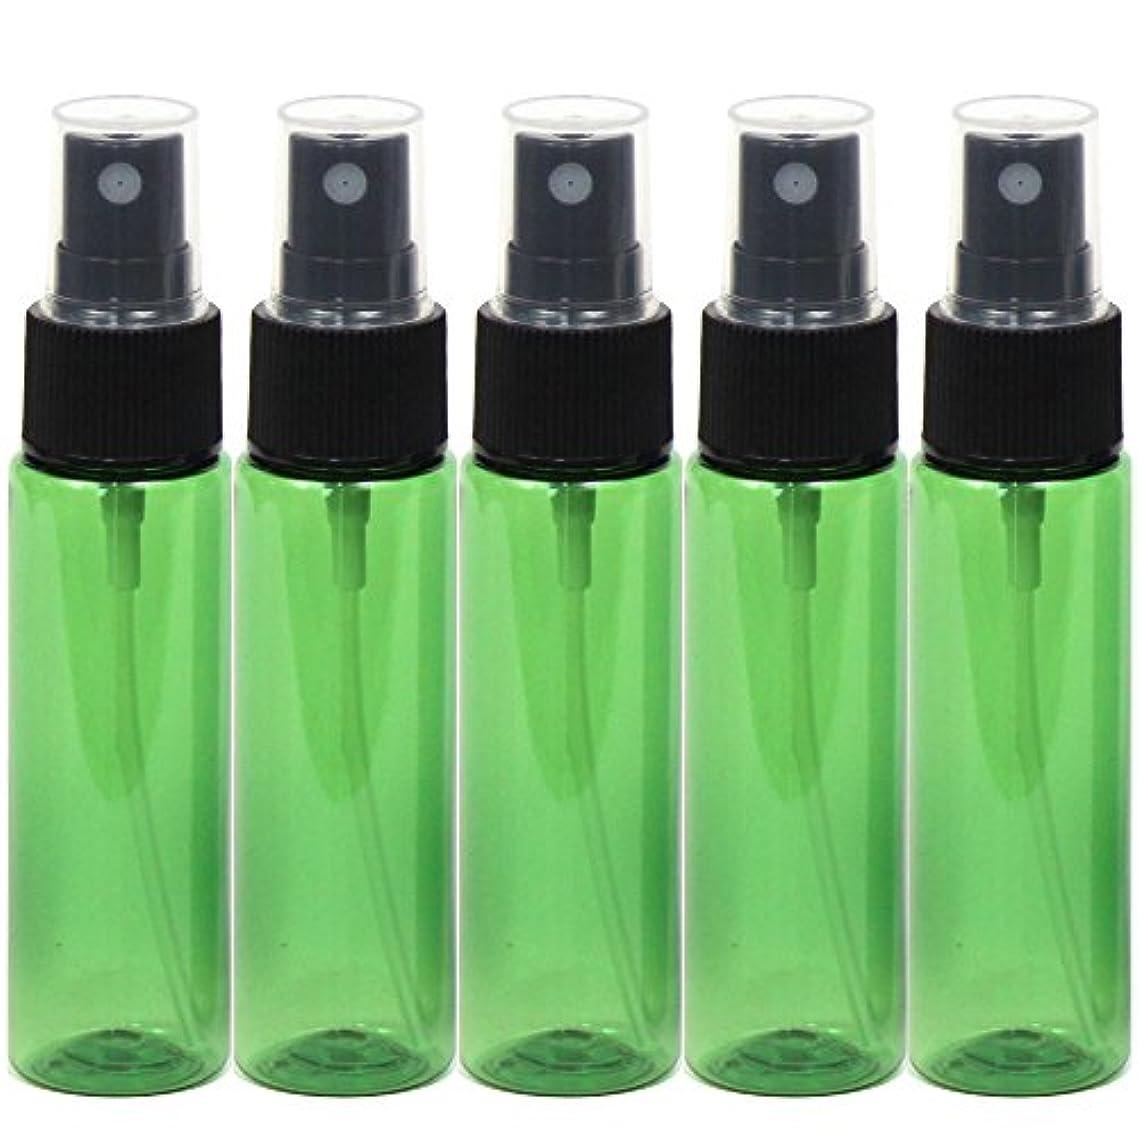 一杯含めるのみスプレーボトル 30mL グリーン 5本セット 遮光性 おしゃれ空容器gr30-5